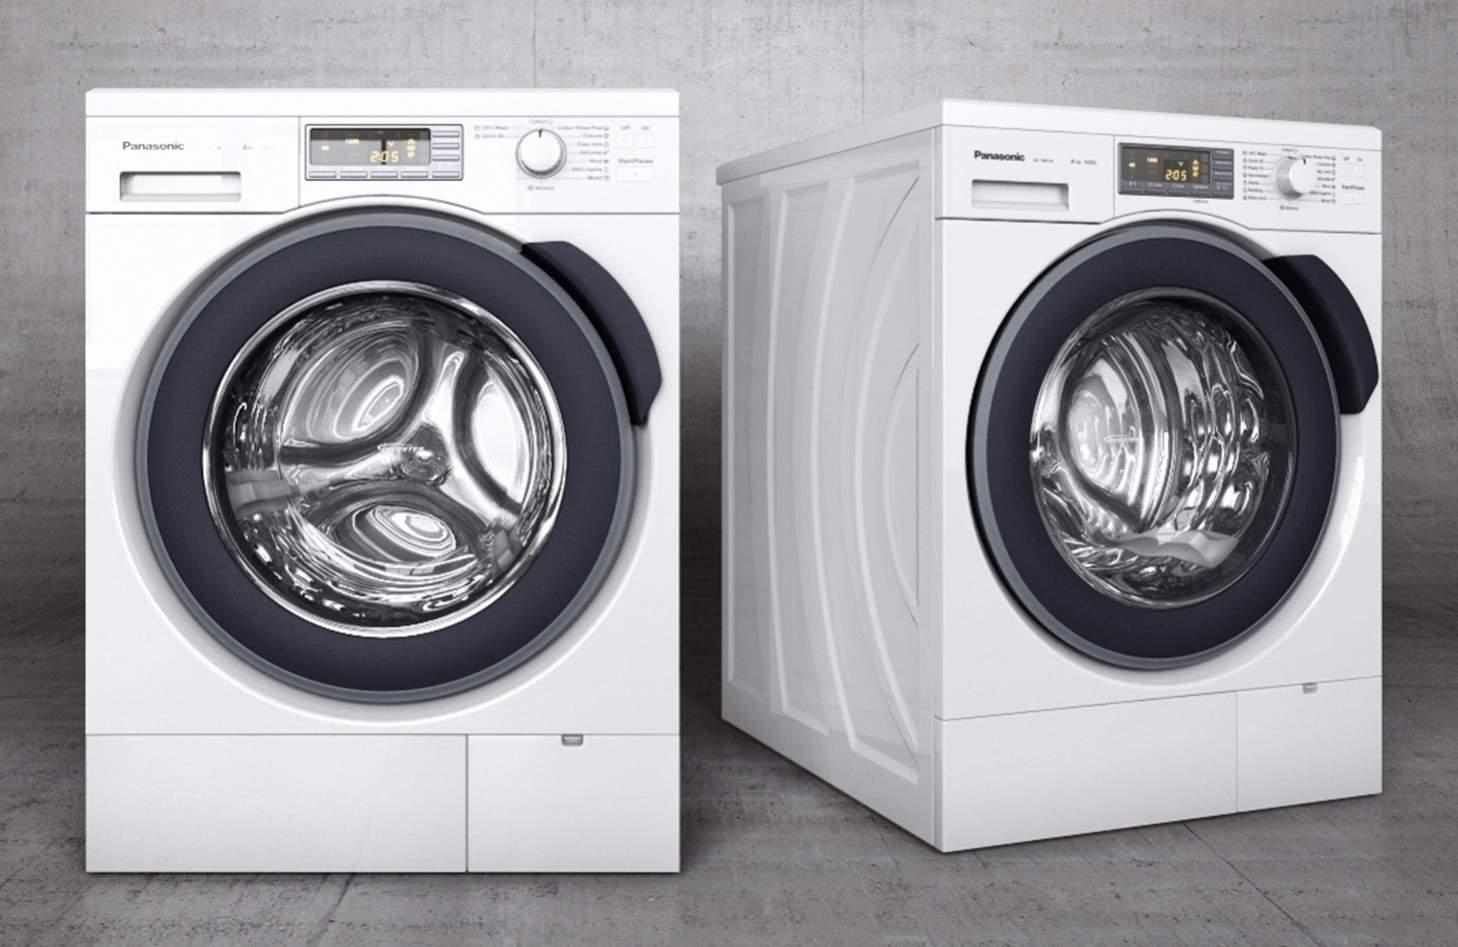 Fitur Quick Wash Di Mesin Cuci Segala Sesuatu Yang Harus Diketahui Samsung Front Loading Washer Ww75k5210yw Cara Memilih Dengan Terbaik